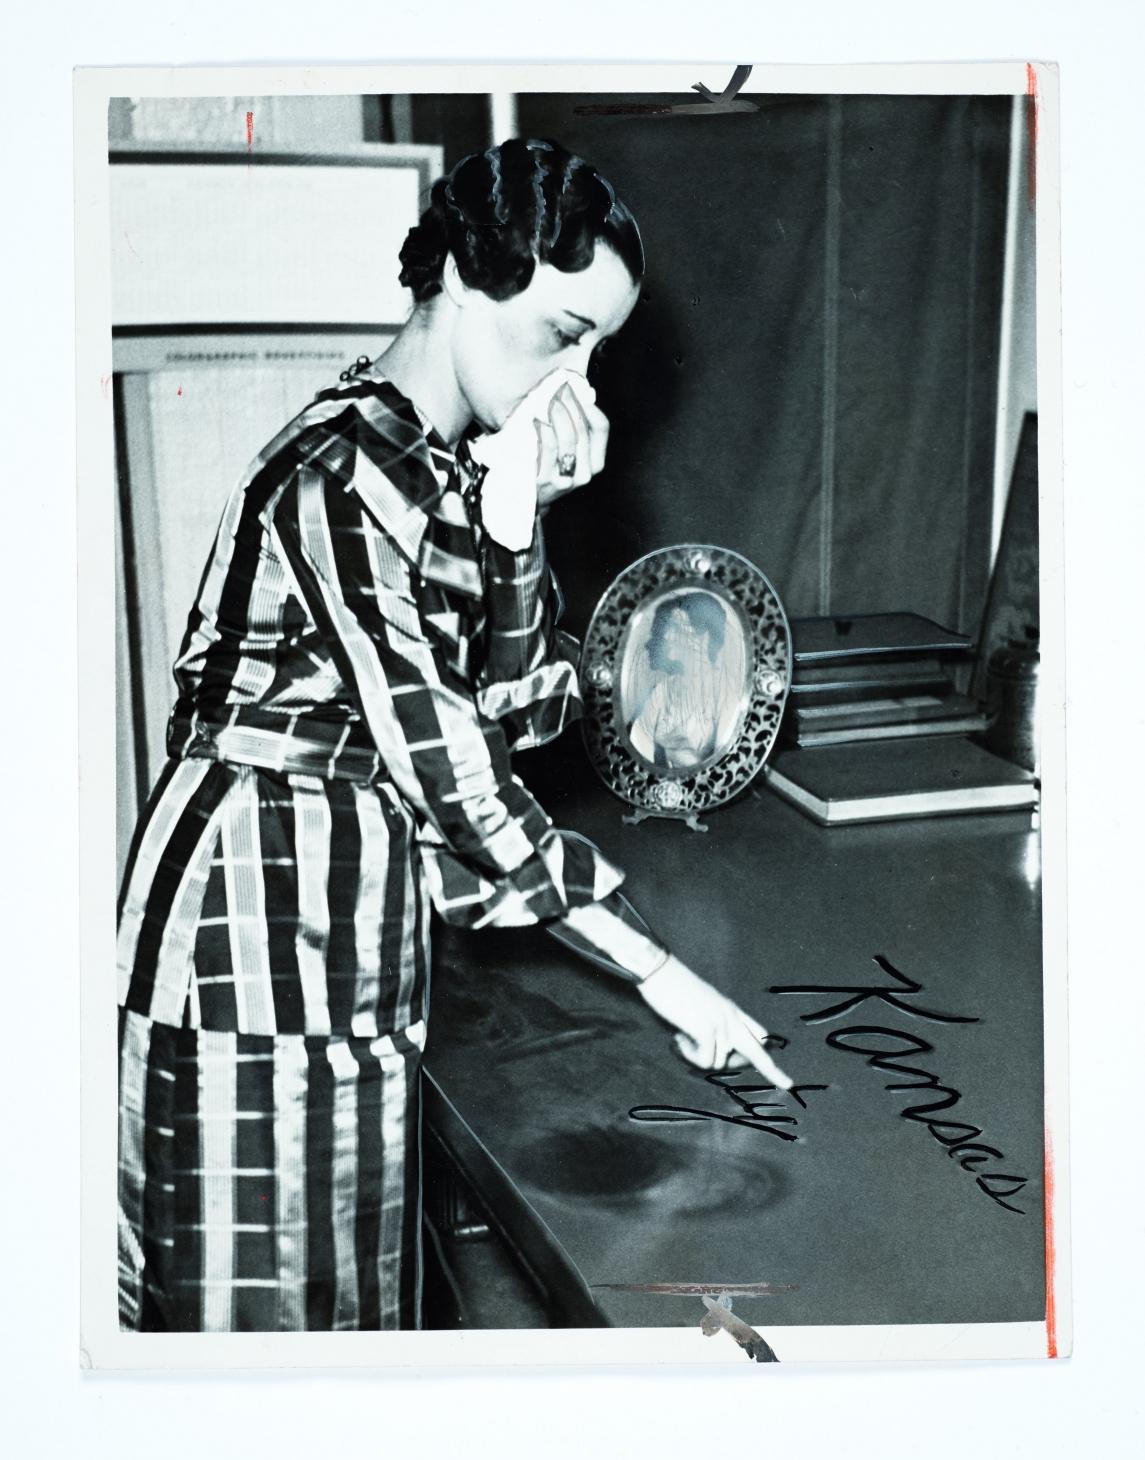 Après une tempête de poussière, une femme écrivant dans la poussière, Kansas City, 1935, Photo de presse.  Photographe inconnu